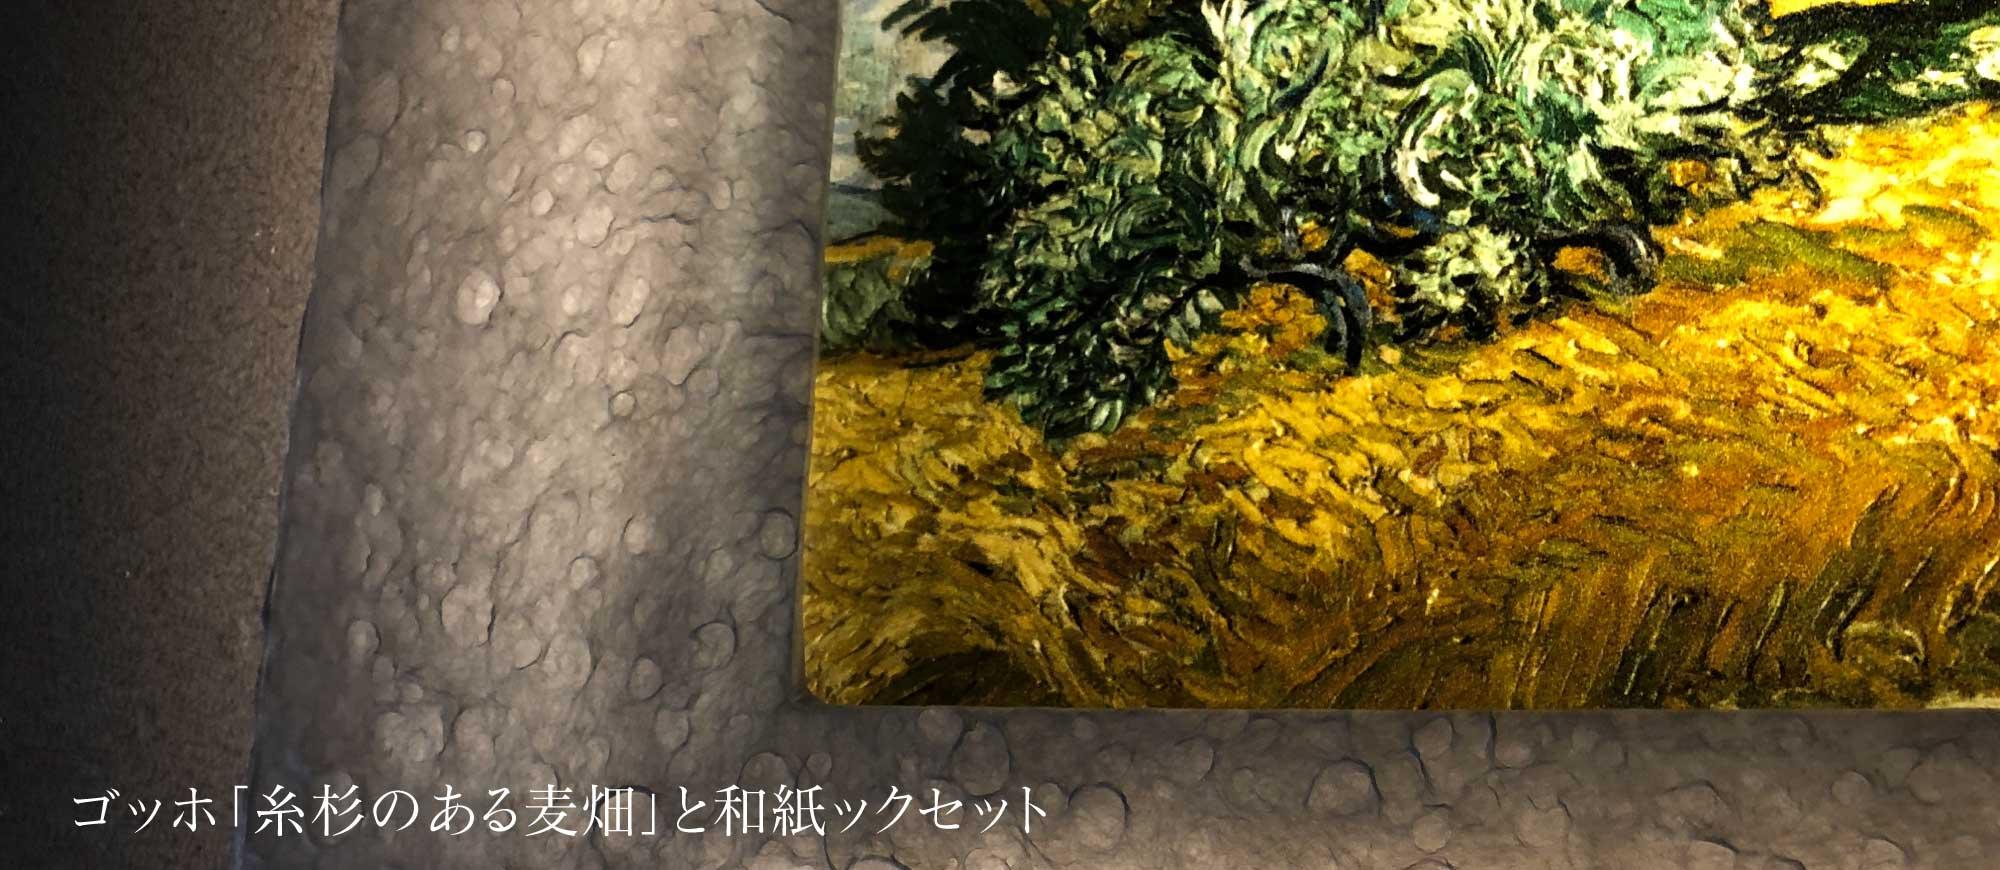 ゴッホ・糸杉麦畑と和紙ックフォトフレーム